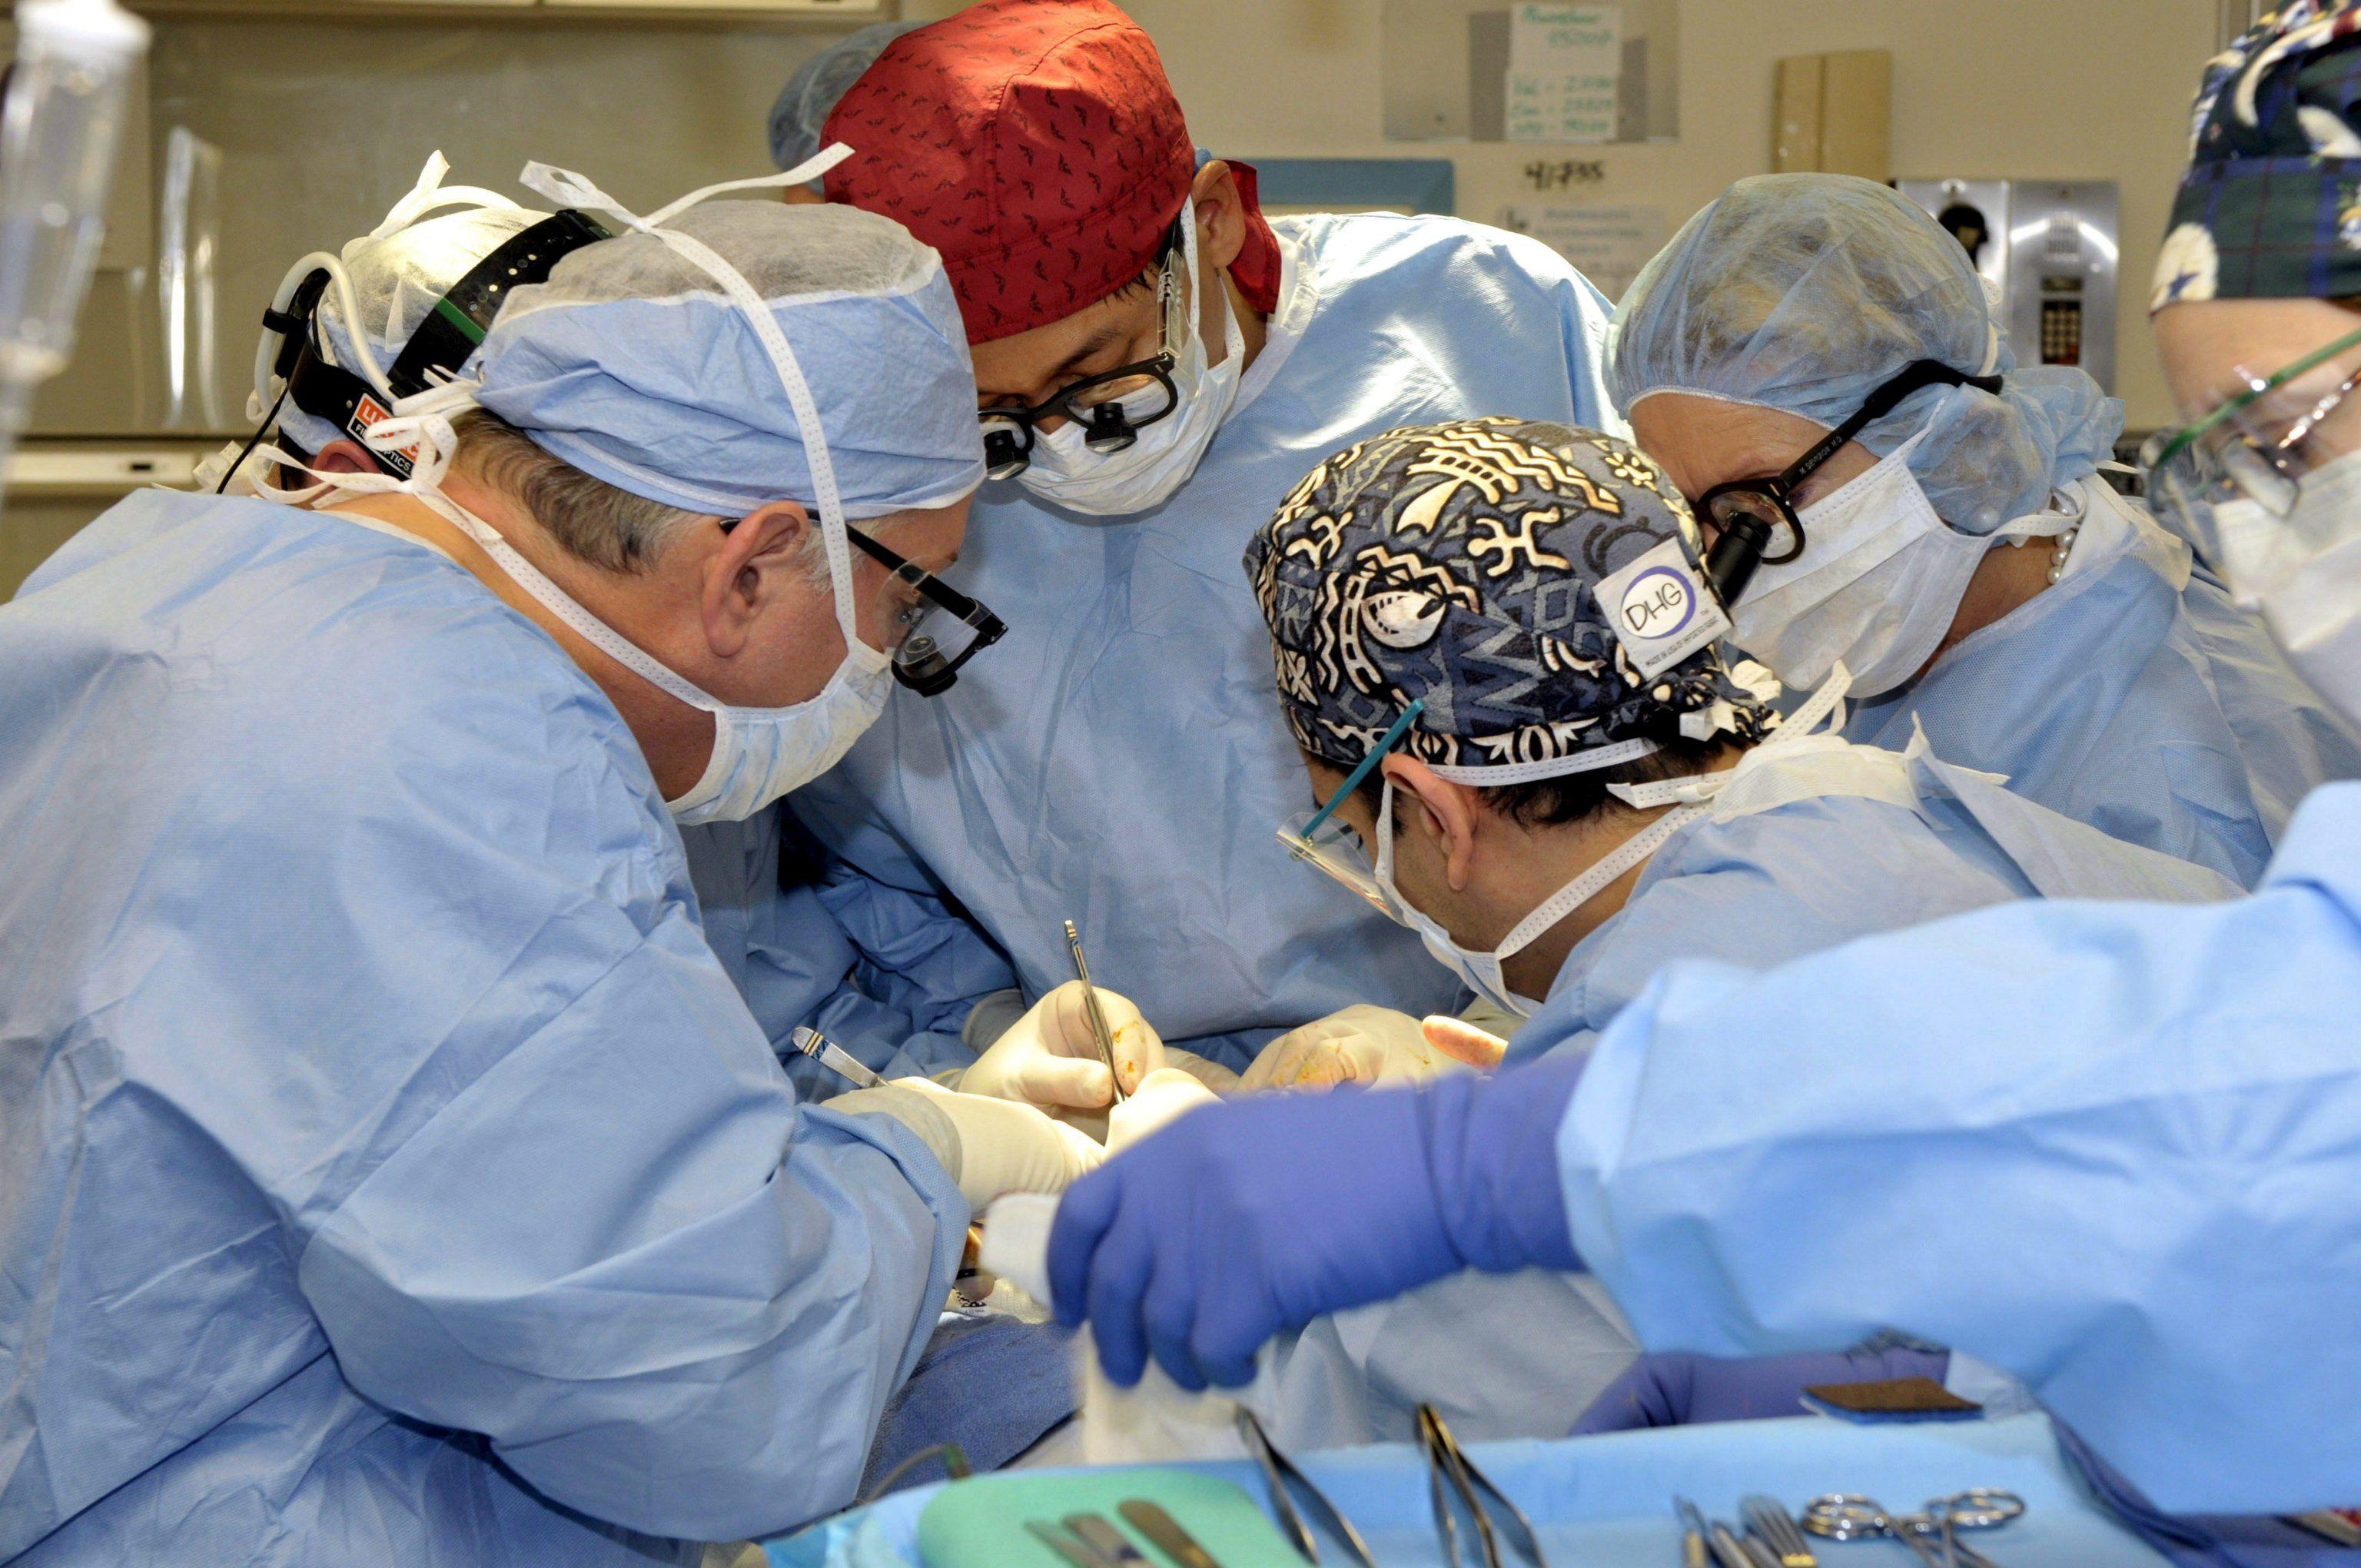 Simon Bramhall, il chirurgo-zorro che incideva le sue iniziali sul fegato dei pazienti